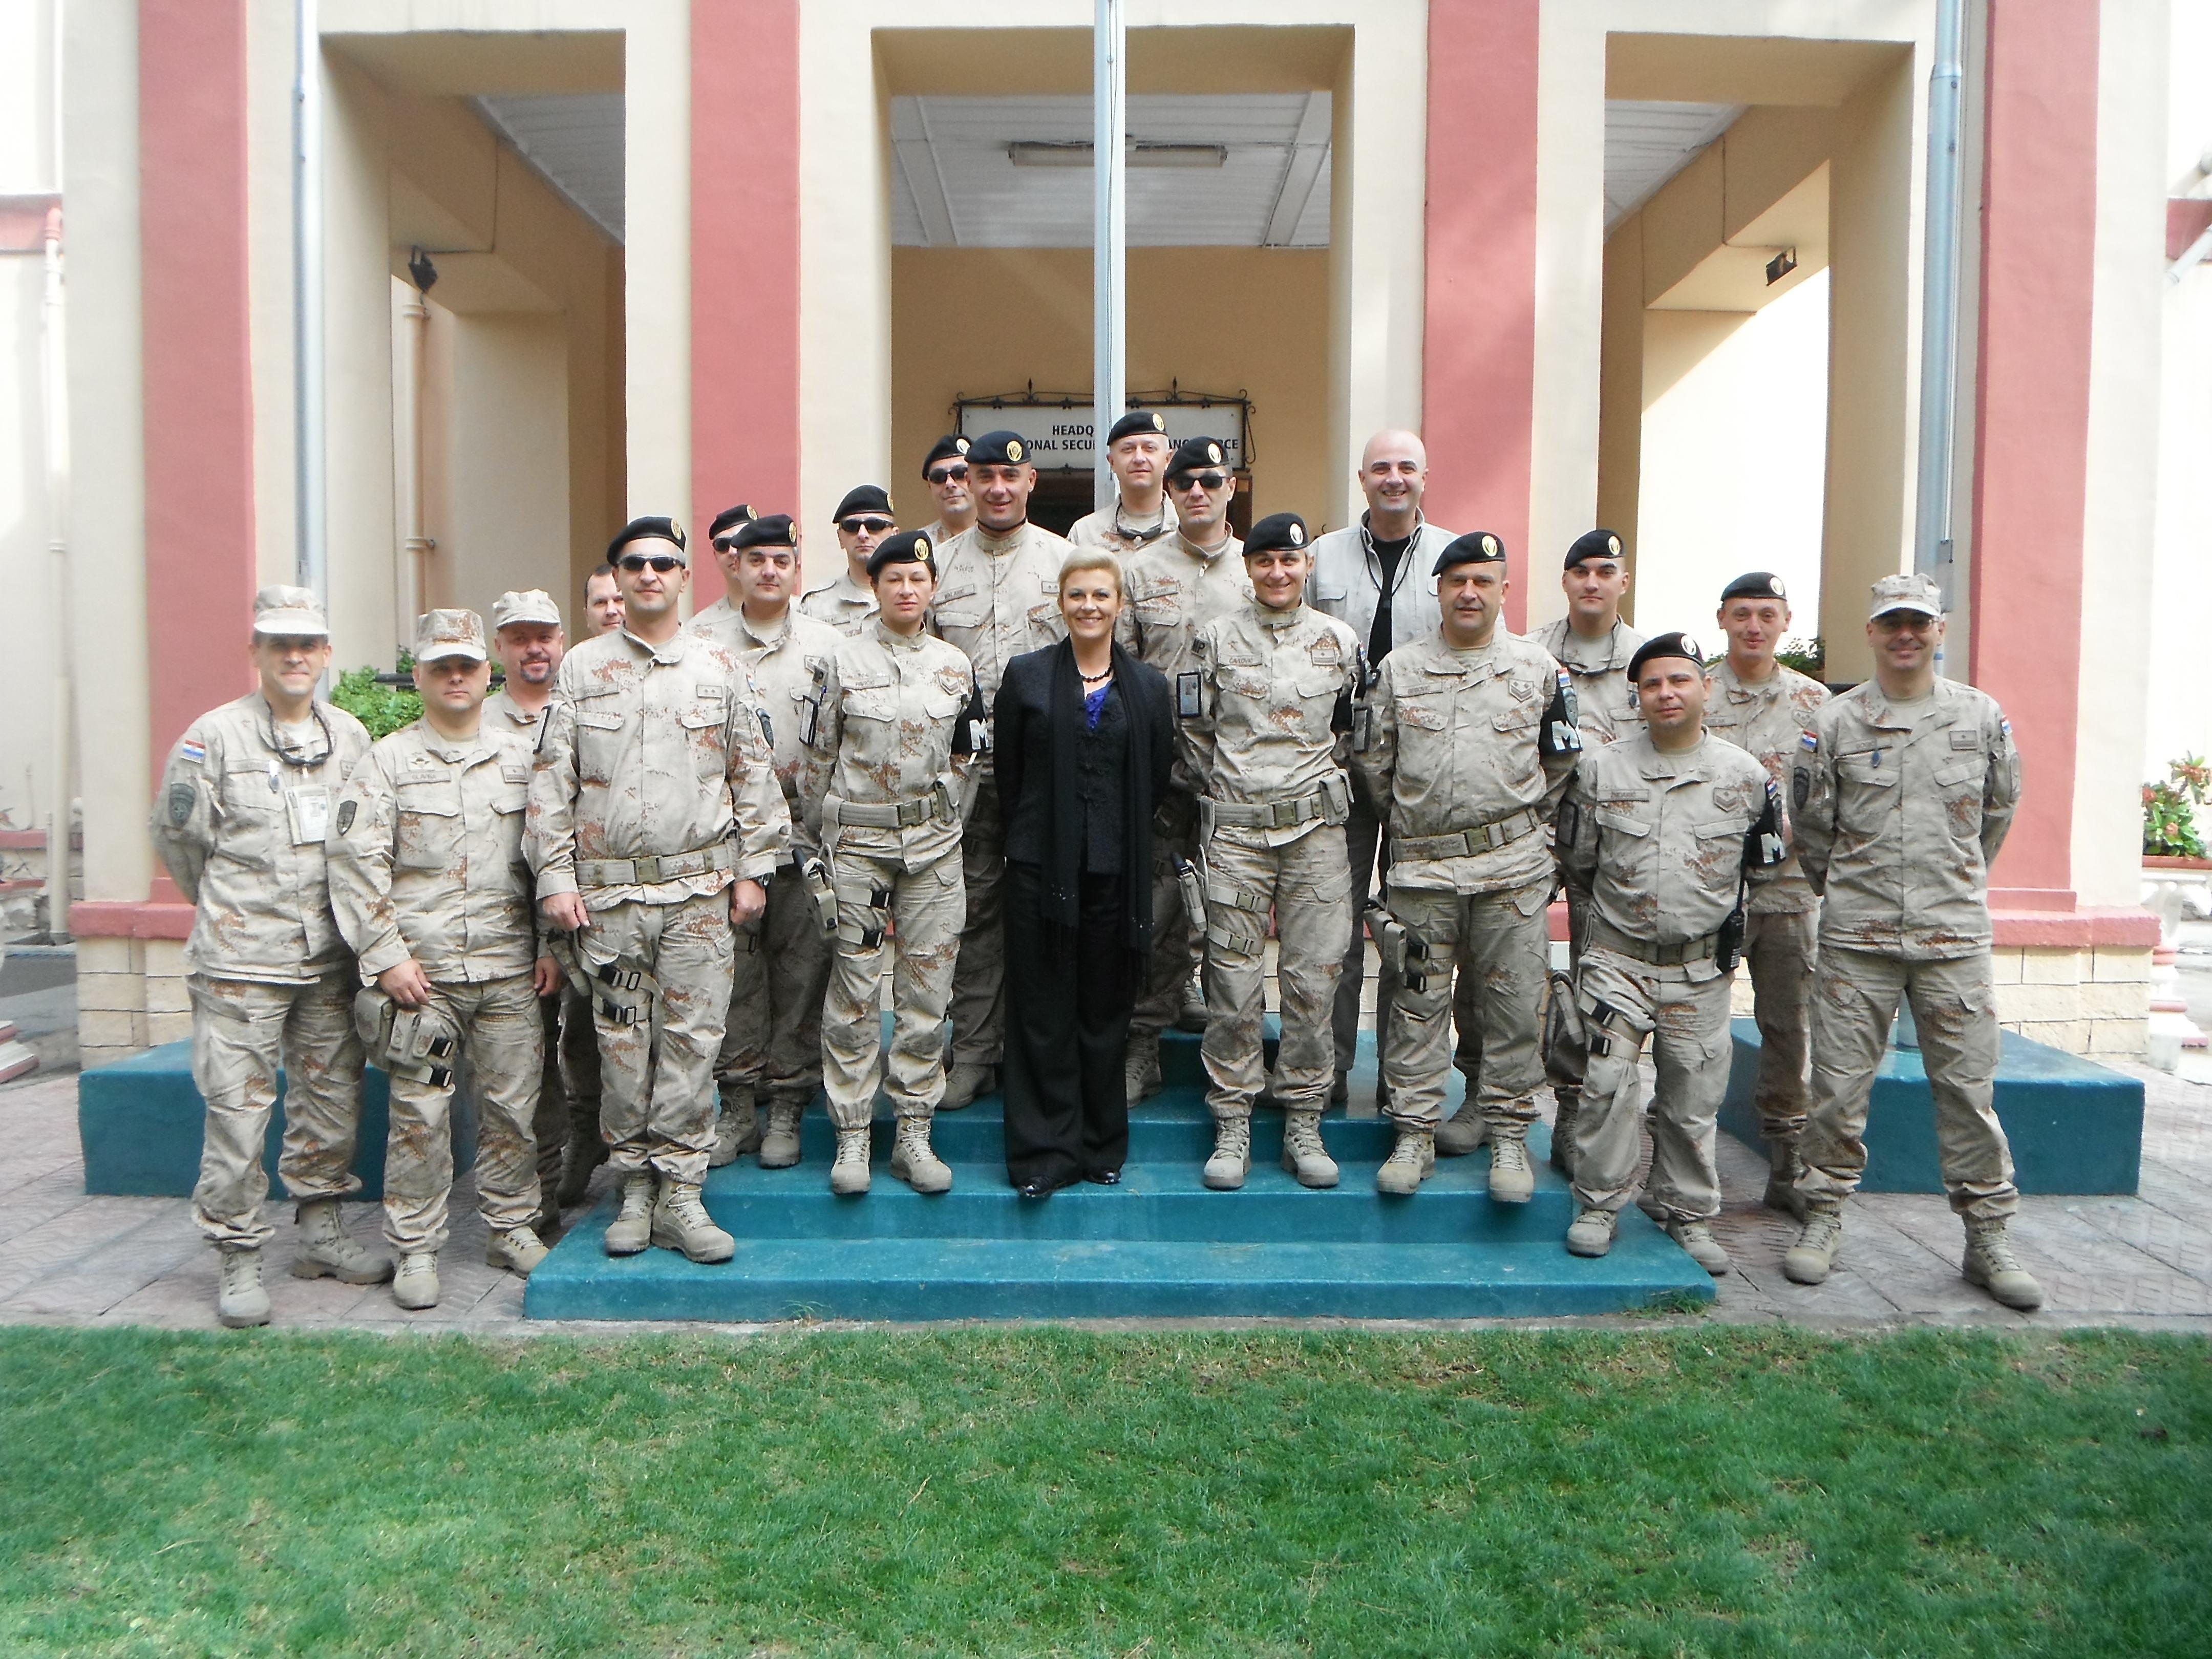 Pomoćnica glavnog tajnika NATO-a za javnu diplomaciju u posjetu Afganistanu i 18. HRVCON-u